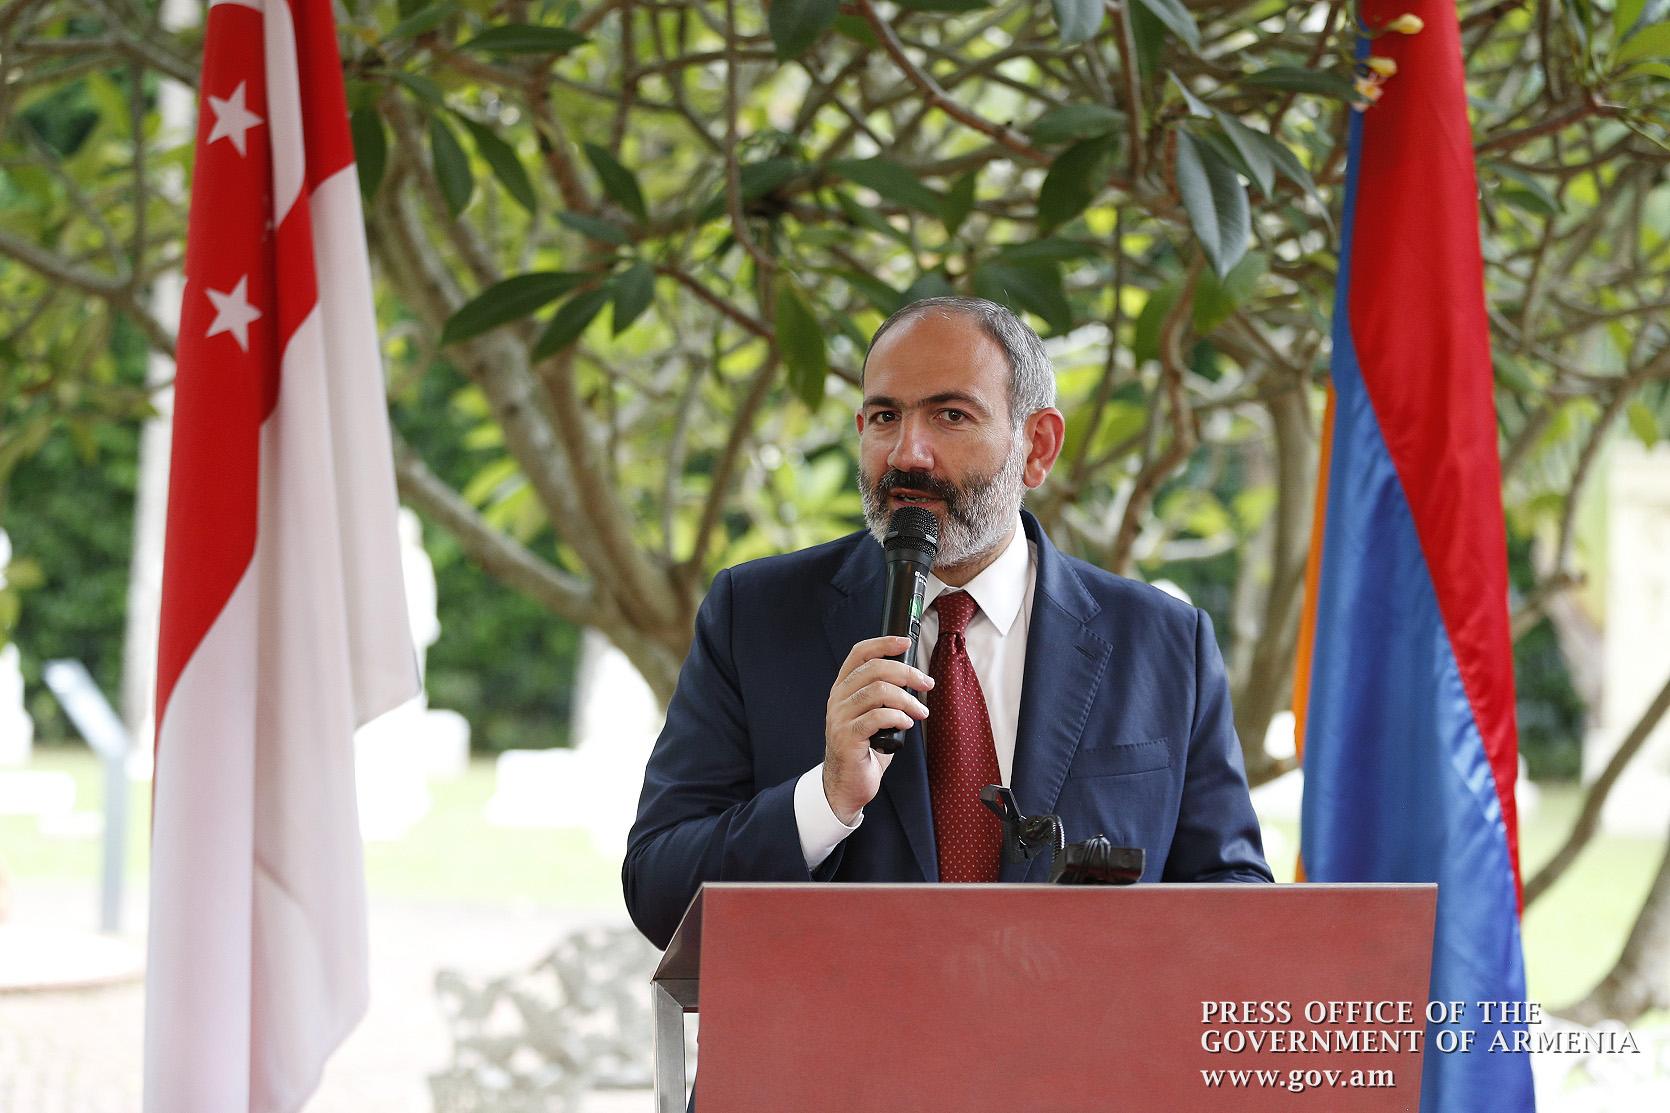 Եկել է ազատ, երջանիկ, հզոր Հայաստանի ժամանակը. Վարչապետի ելույթը Սինգապուրում (տեսանյութ)